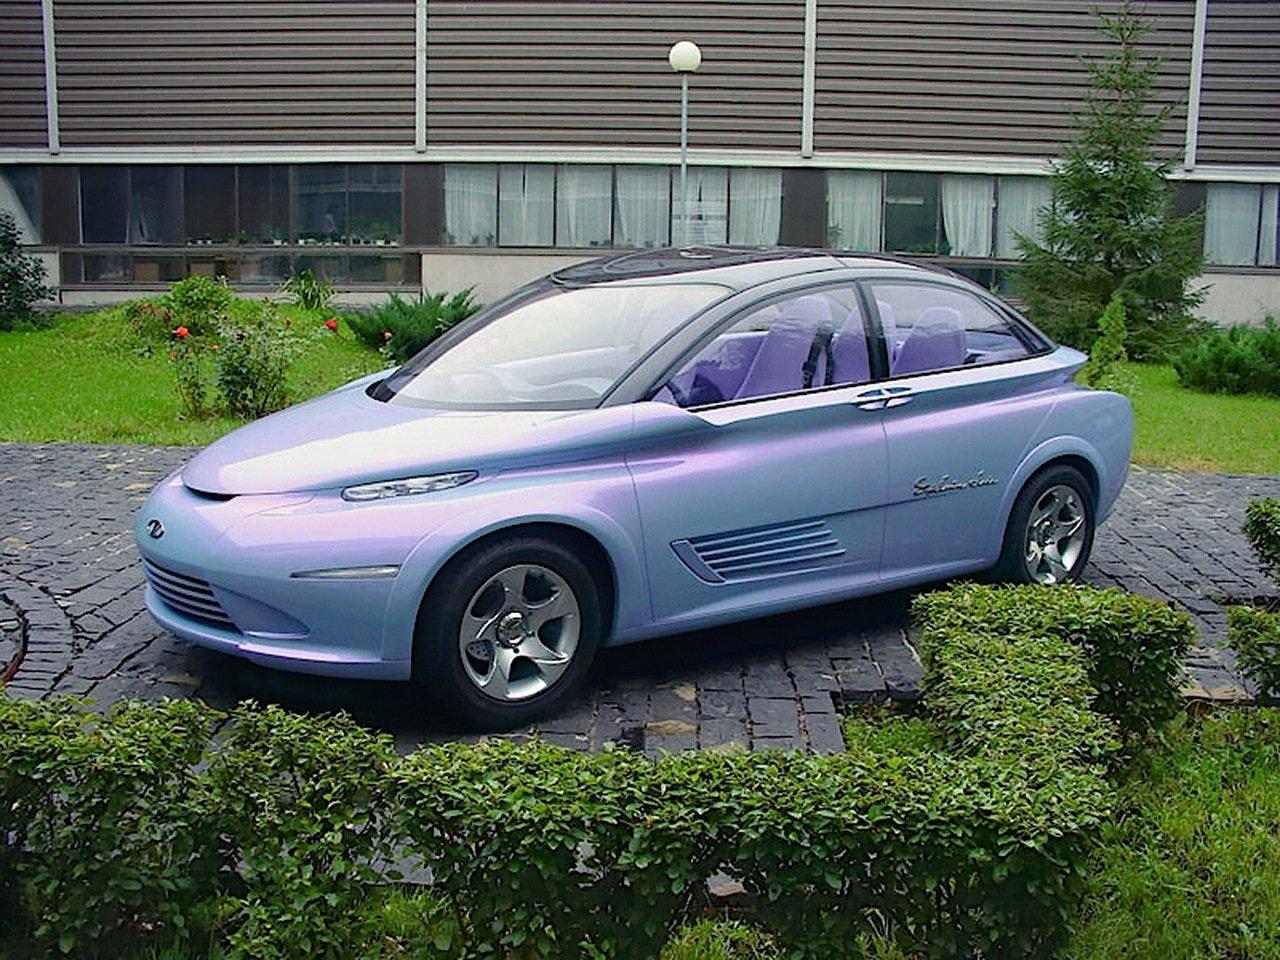 Тест: существовал ли такой автомобиль в советское время